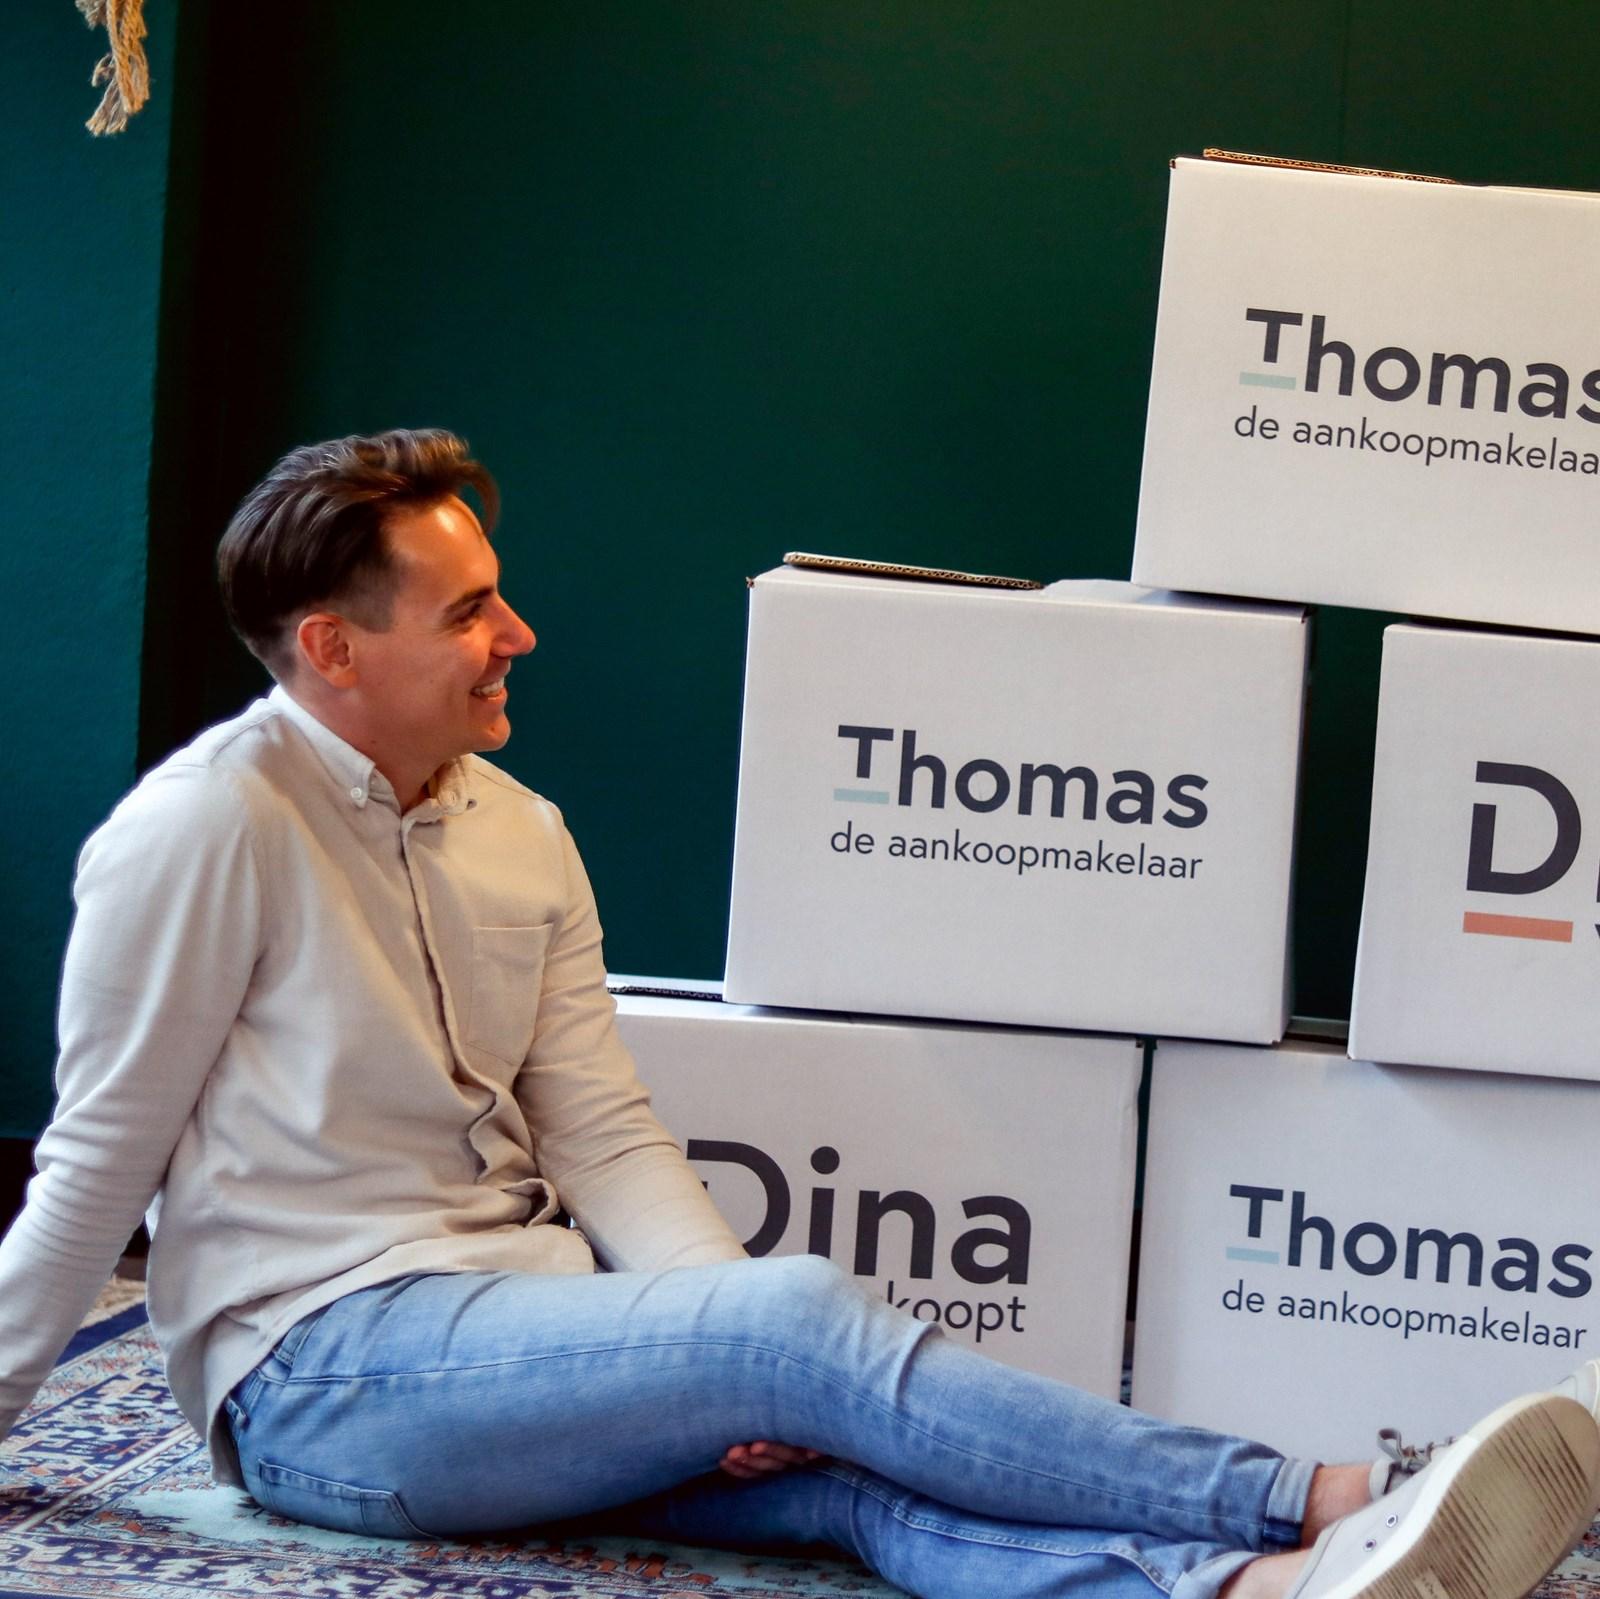 Foto van Thomas de aankoopmakelaar